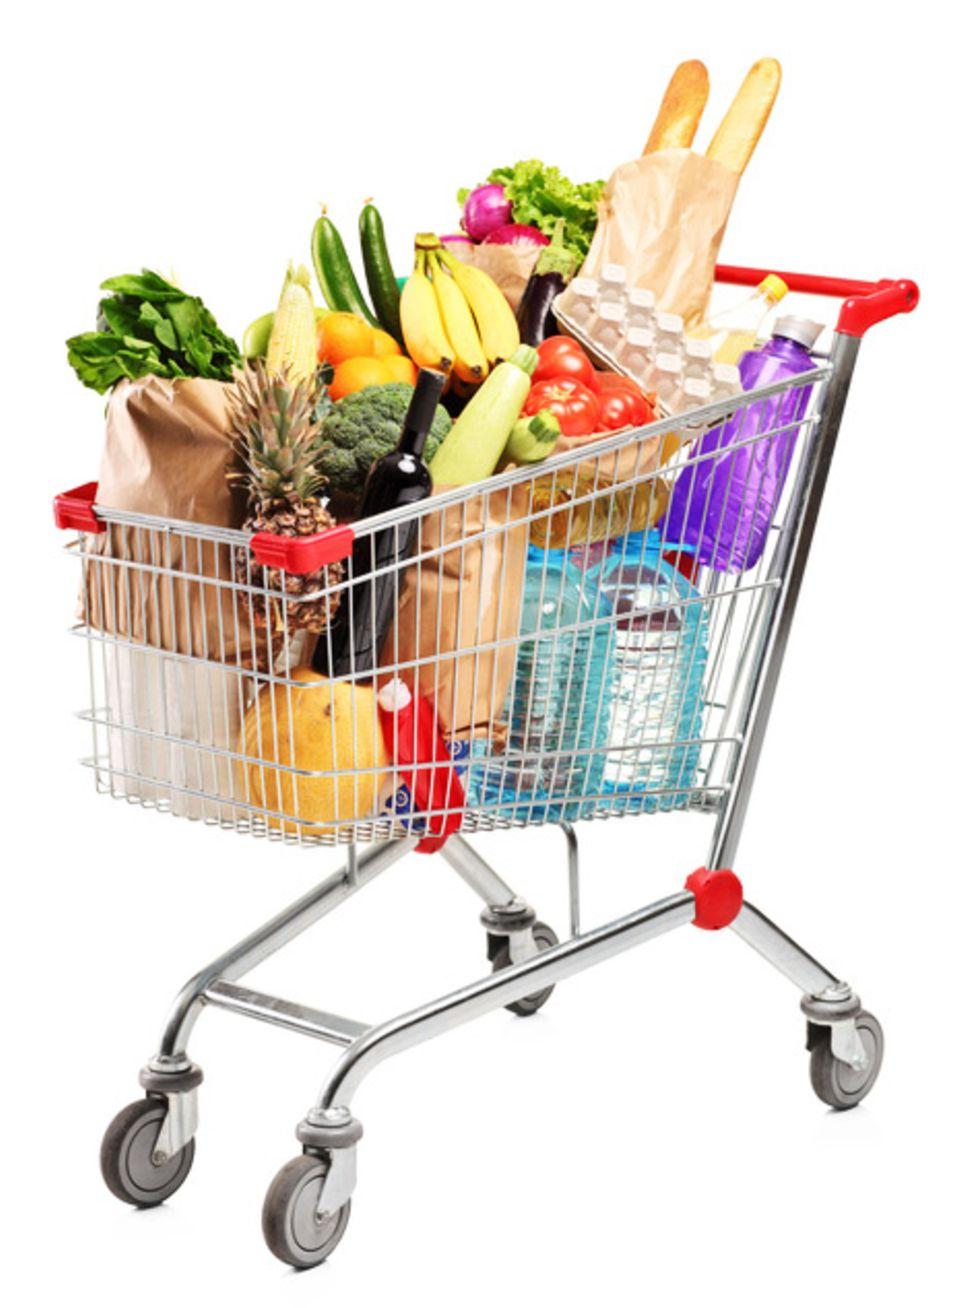 Schwere Produkte stehen im Einkaufswagen besser unten, Gemüse und Obst obendrauf